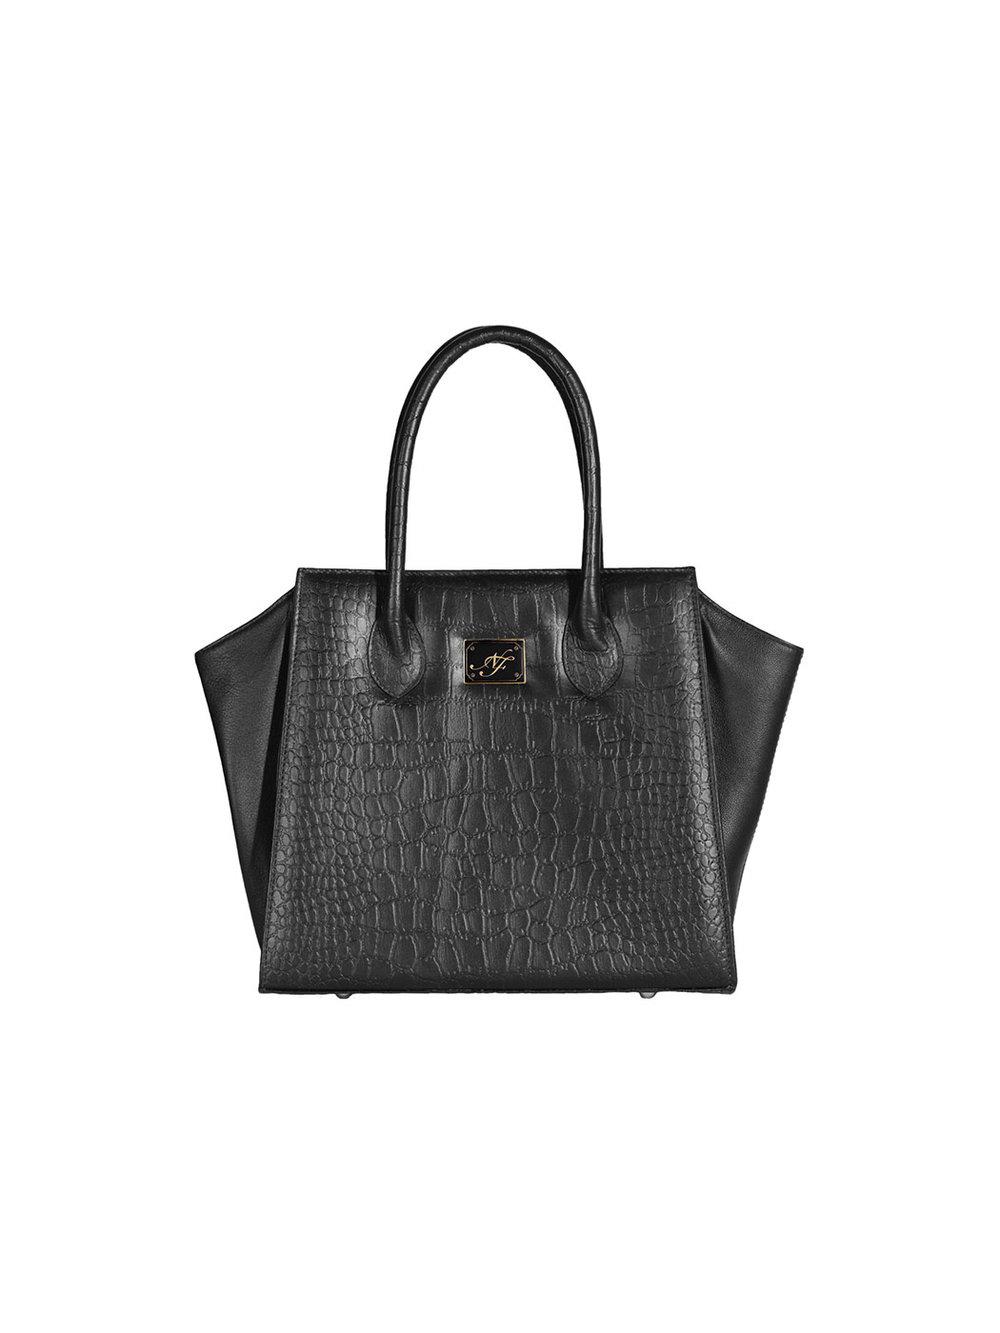 Bolsa negra - €150